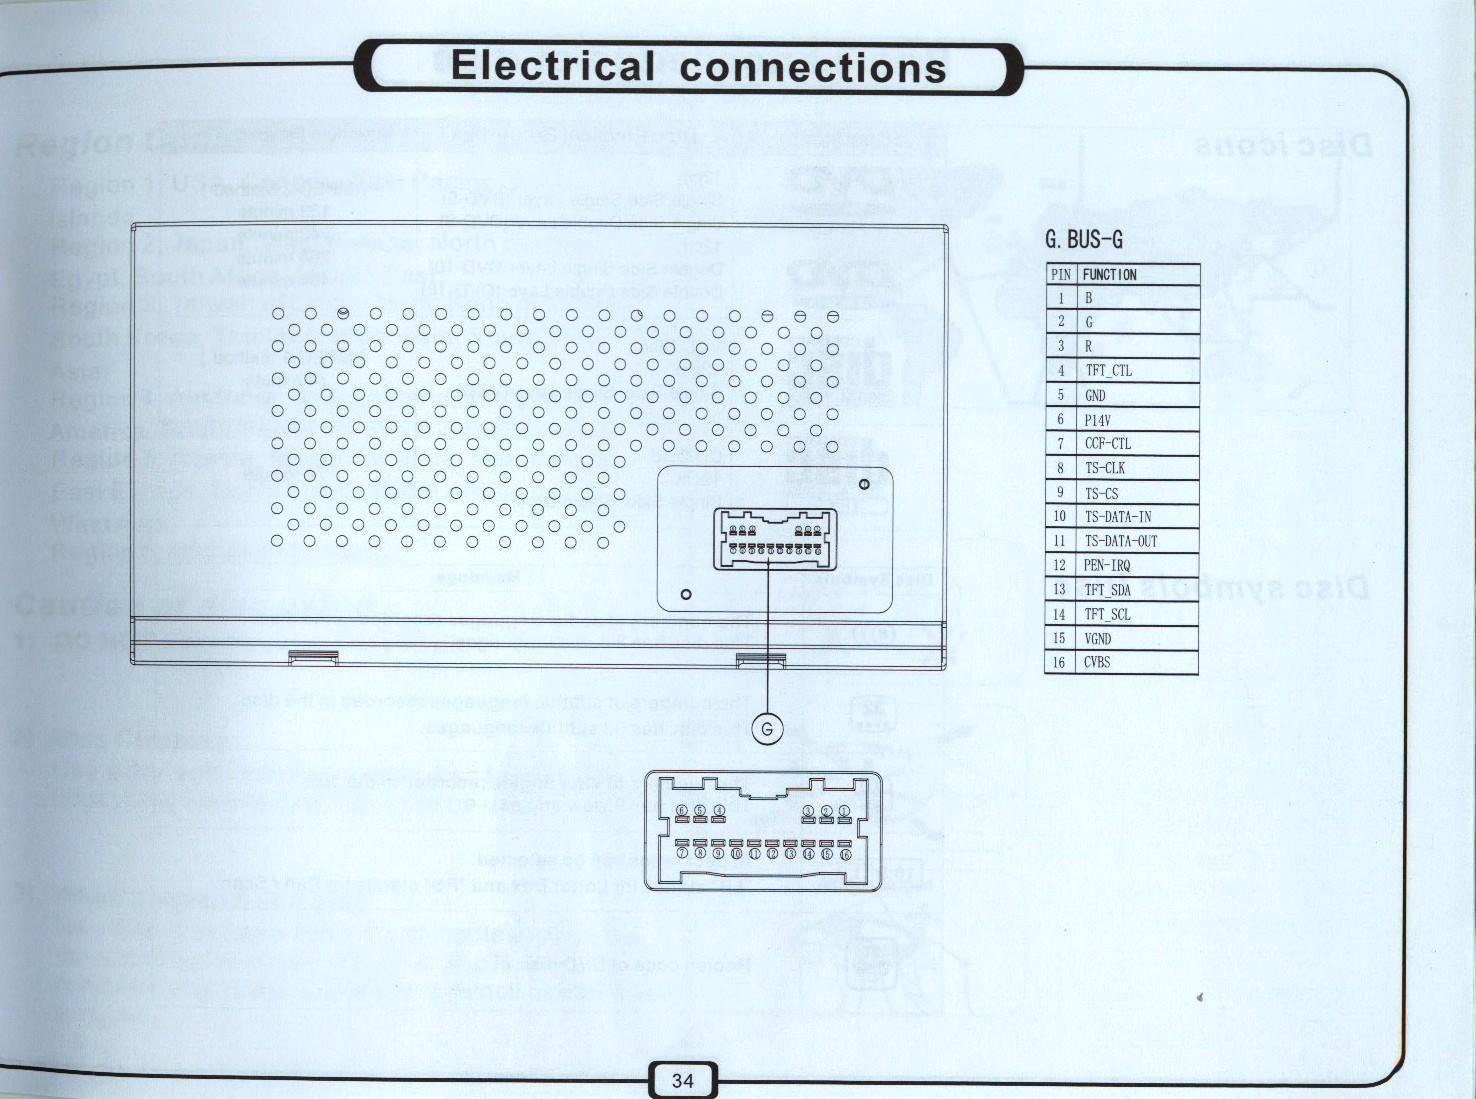 Инструкция по эксплуатации мультимедийной системы dnb405